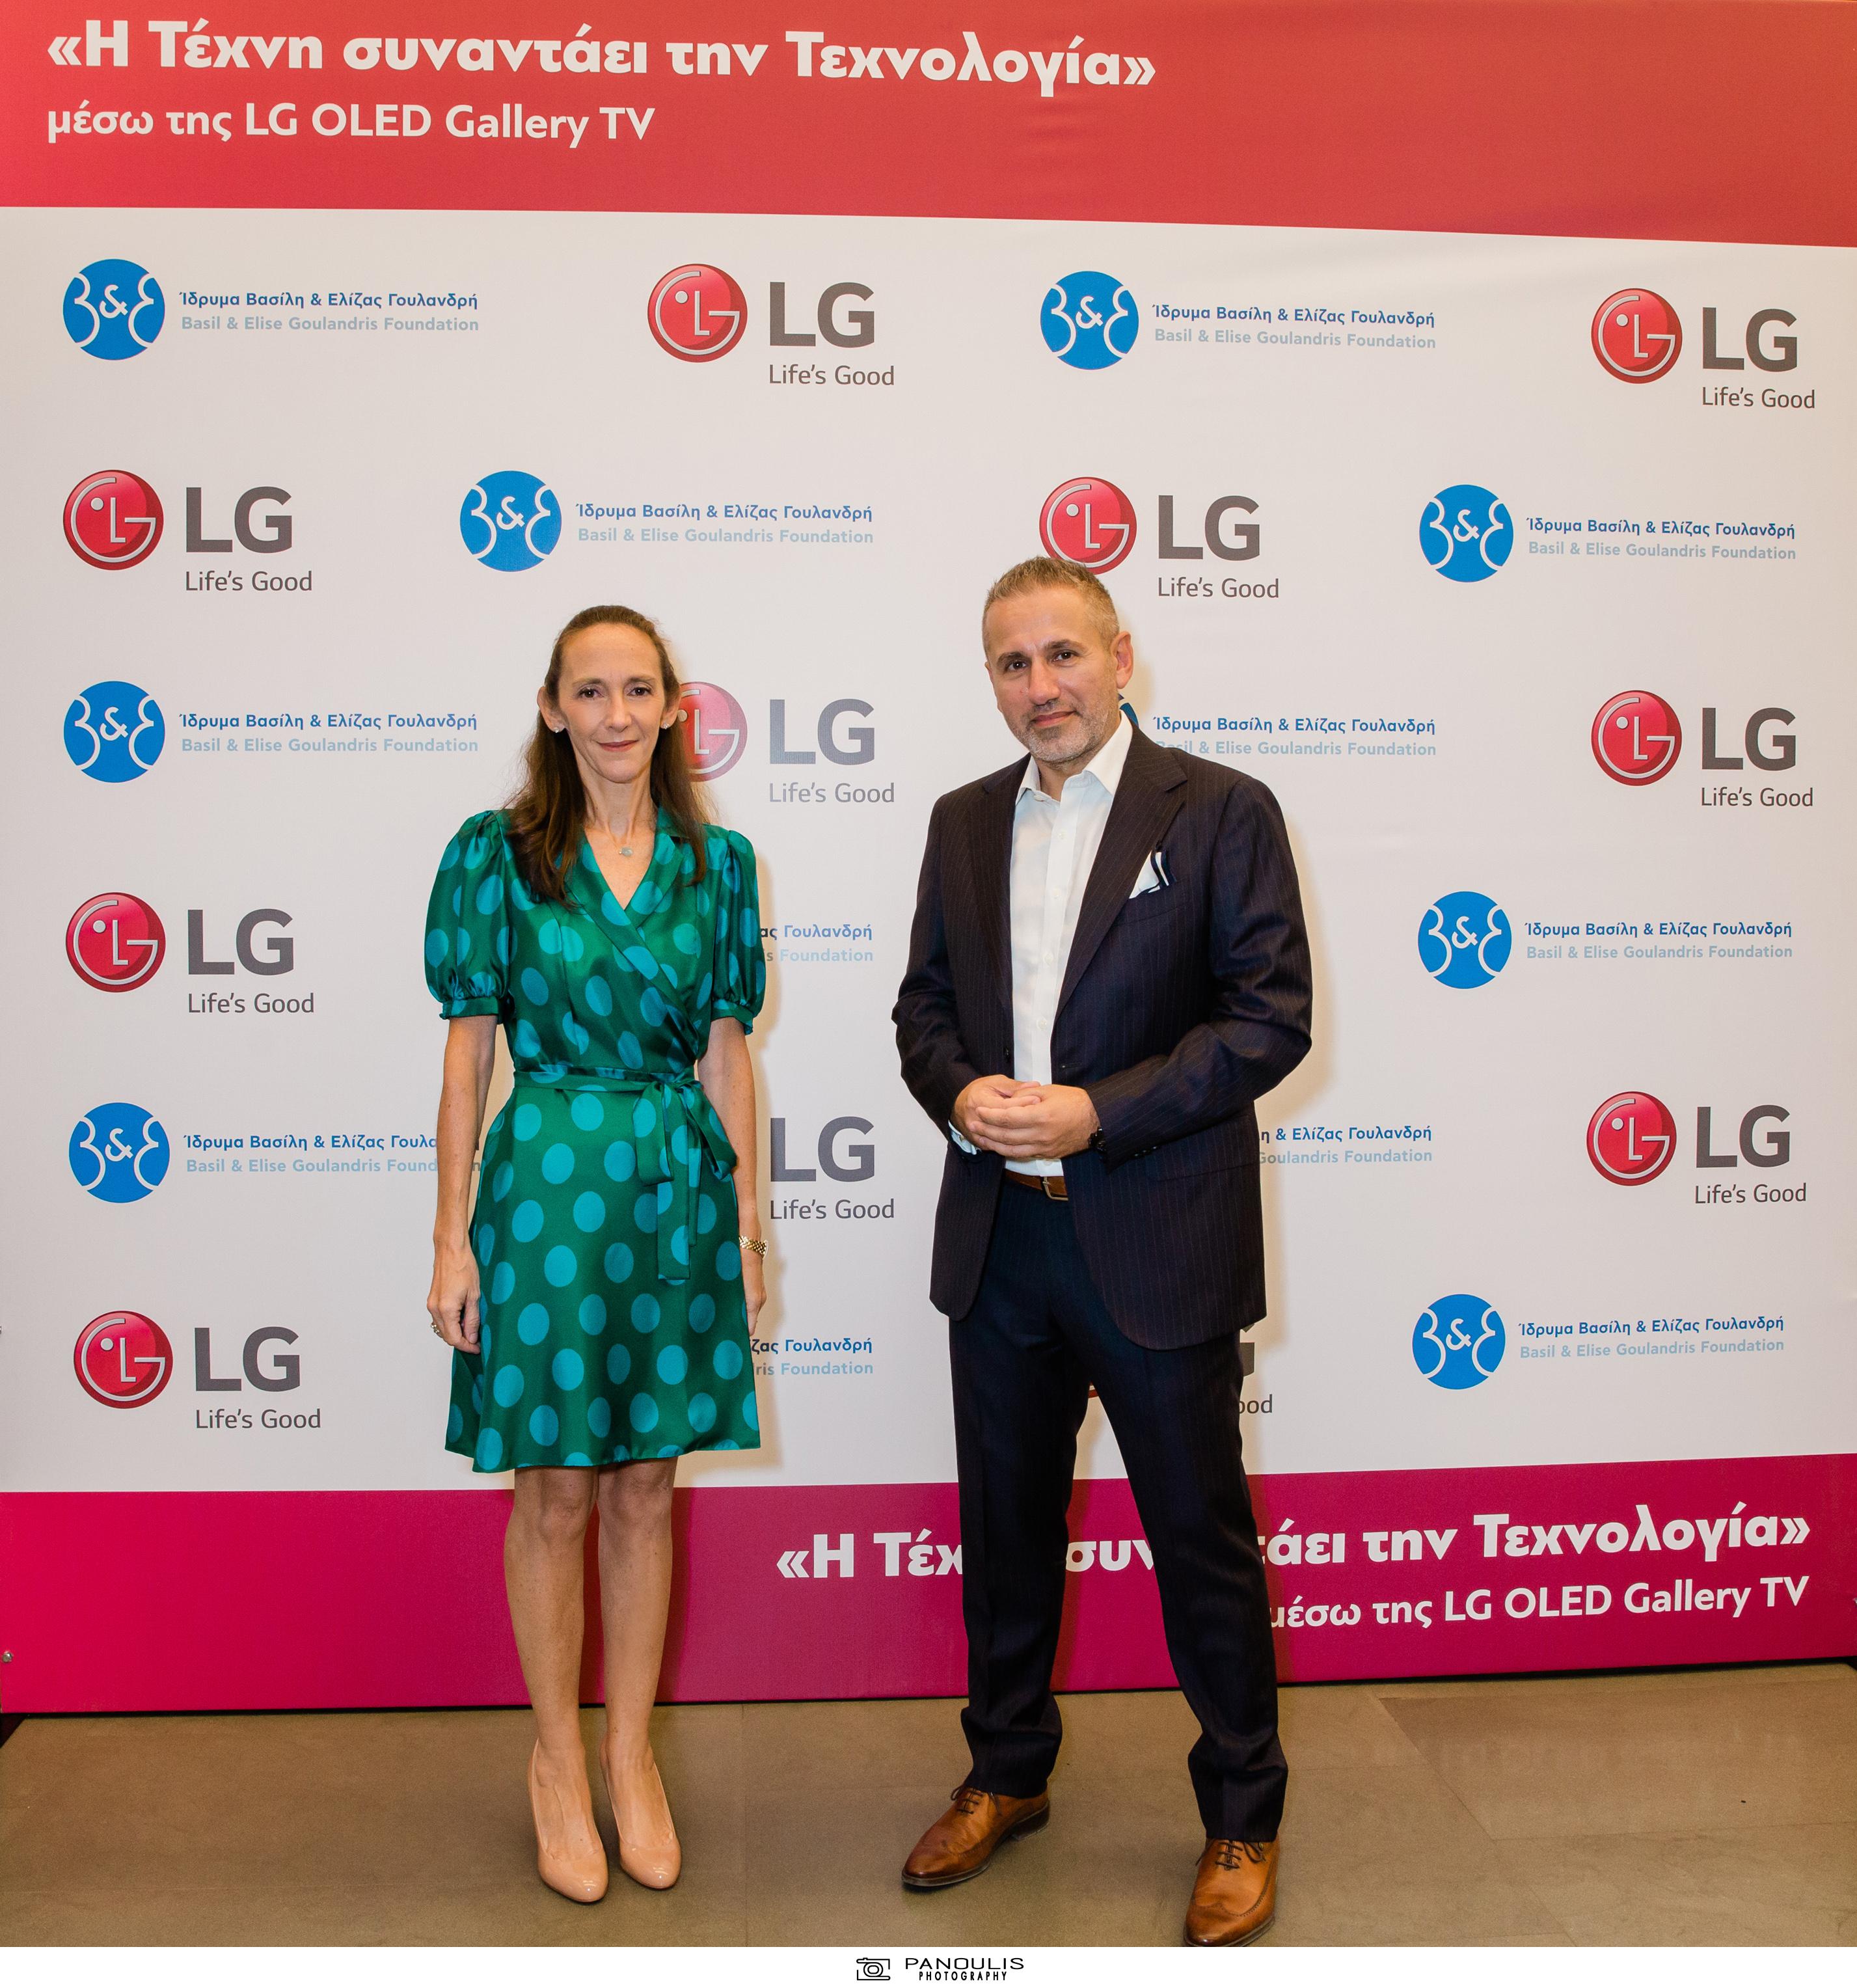 LG Electronics – Ίδρυμα Β&Ε Γουλανδρή: Η τέχνη συναντάει την τεχνολογία 2